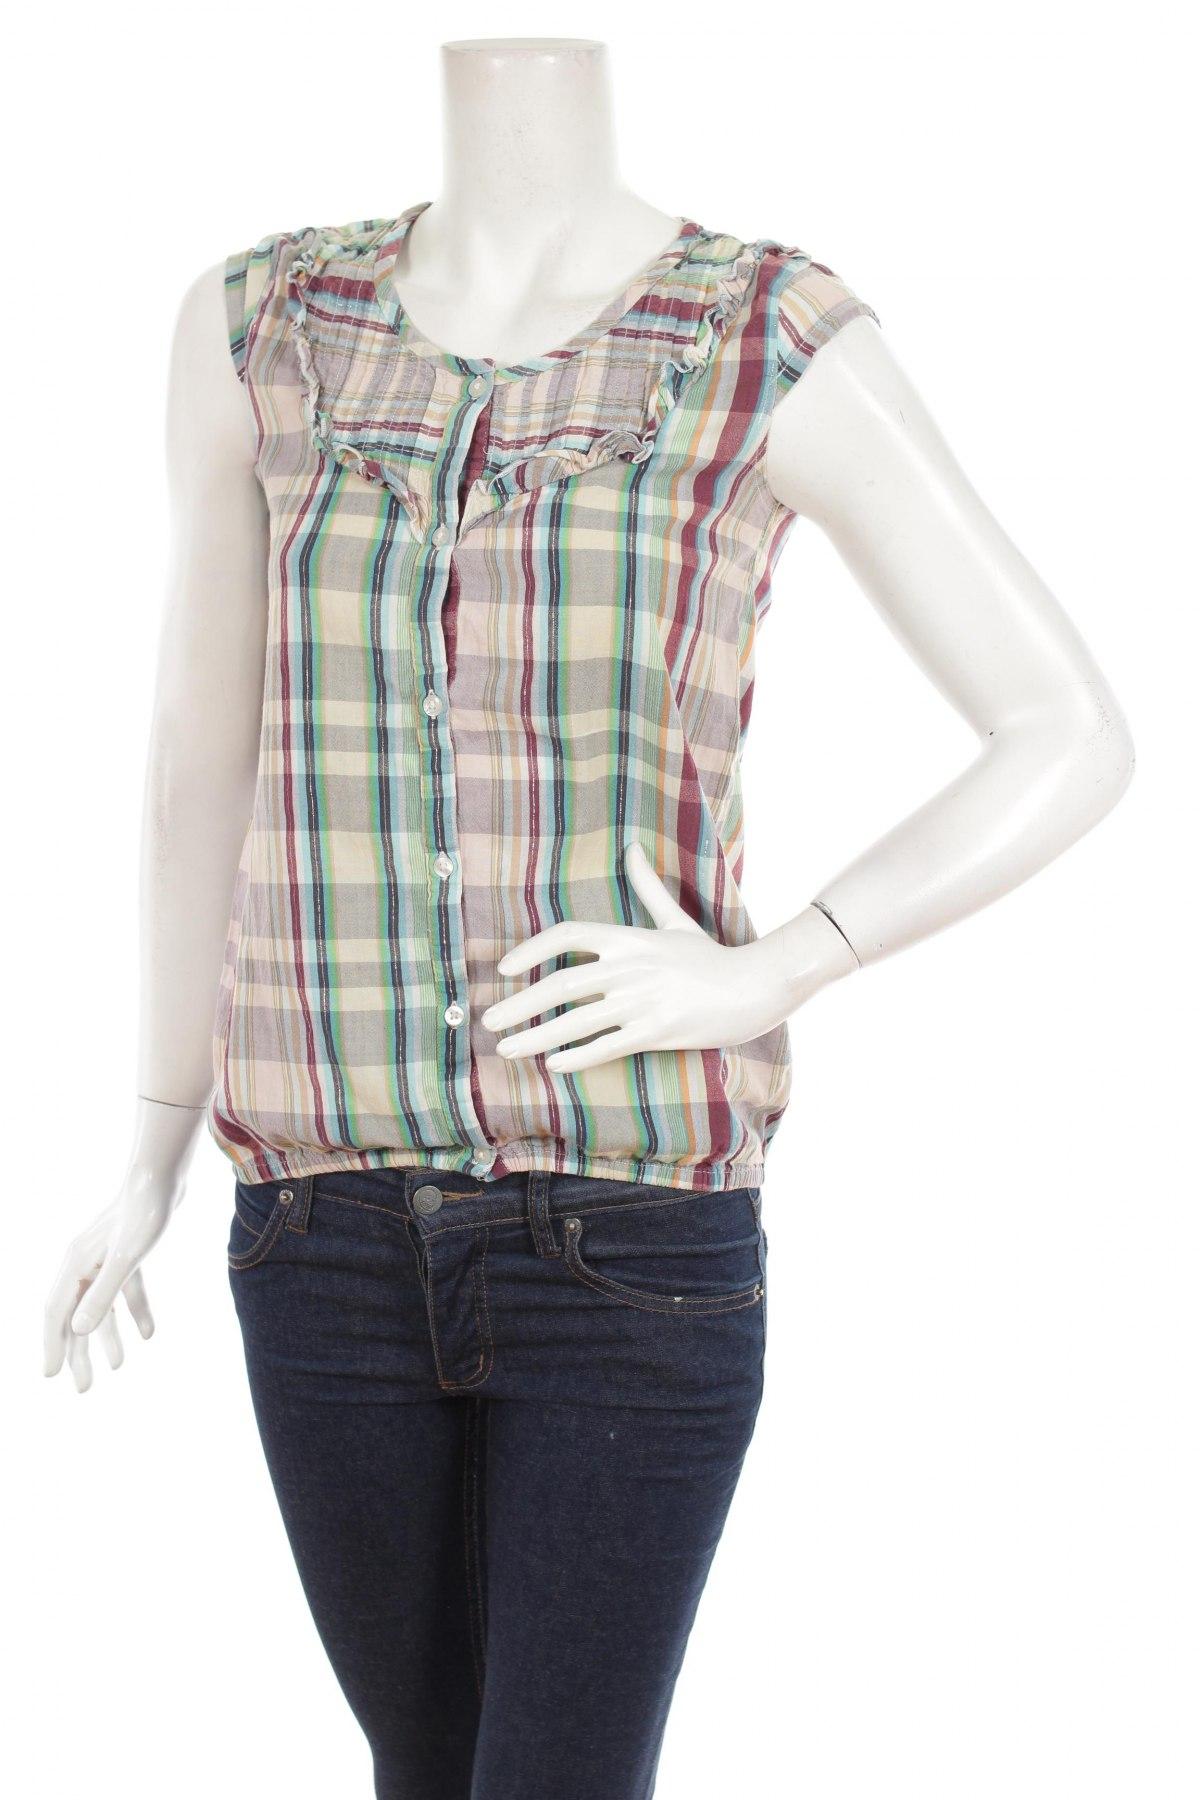 Γυναικείο πουκάμισο Okay, Μέγεθος S, Χρώμα Πολύχρωμο, 99% βαμβάκι, 1% ελαστάνη, Τιμή 9,90€